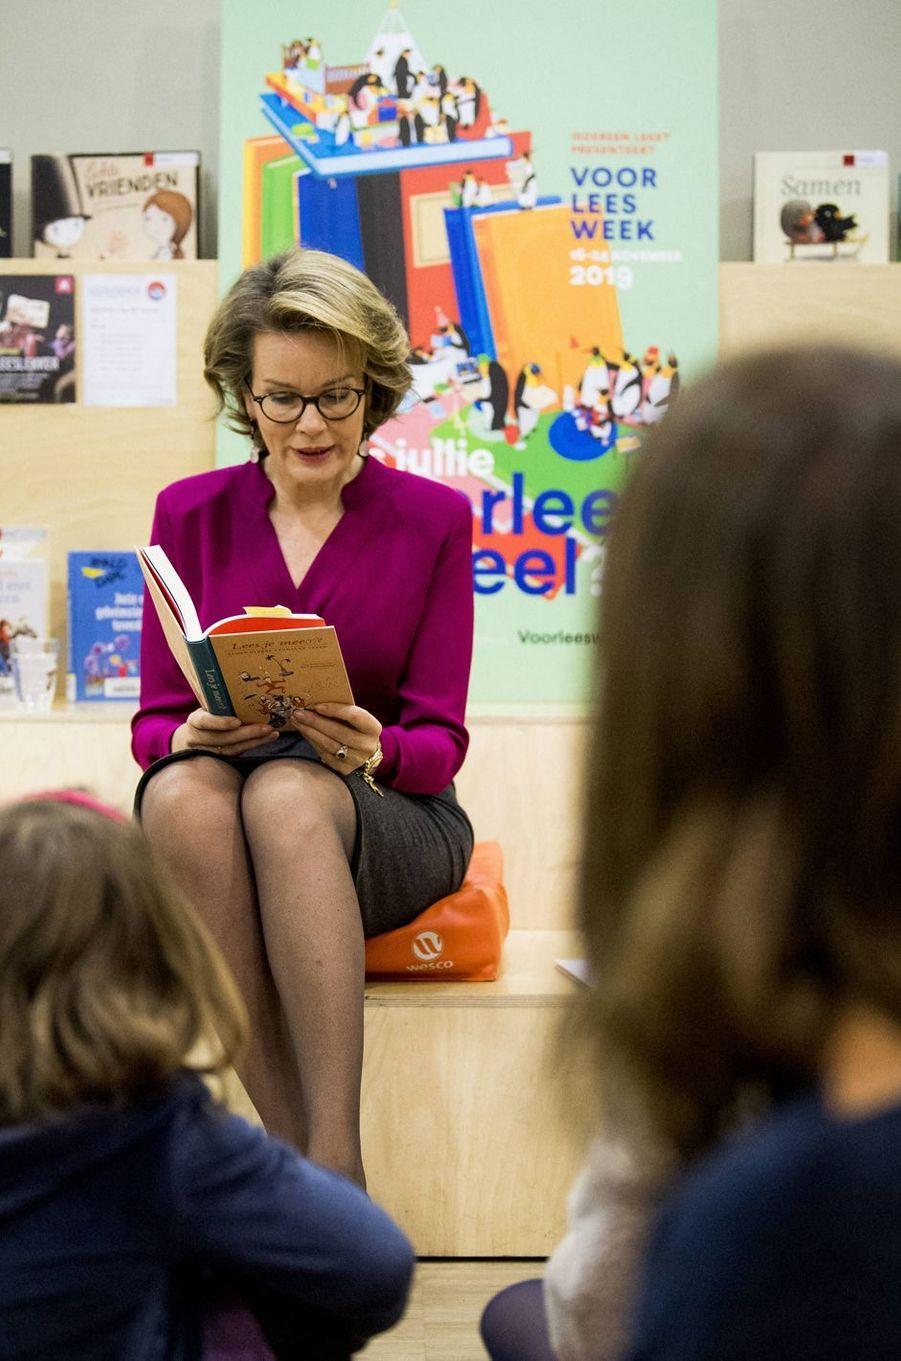 La reine Mathilde de Belgique dans une bibliothèque à Berchem, le 19 novembre 2019